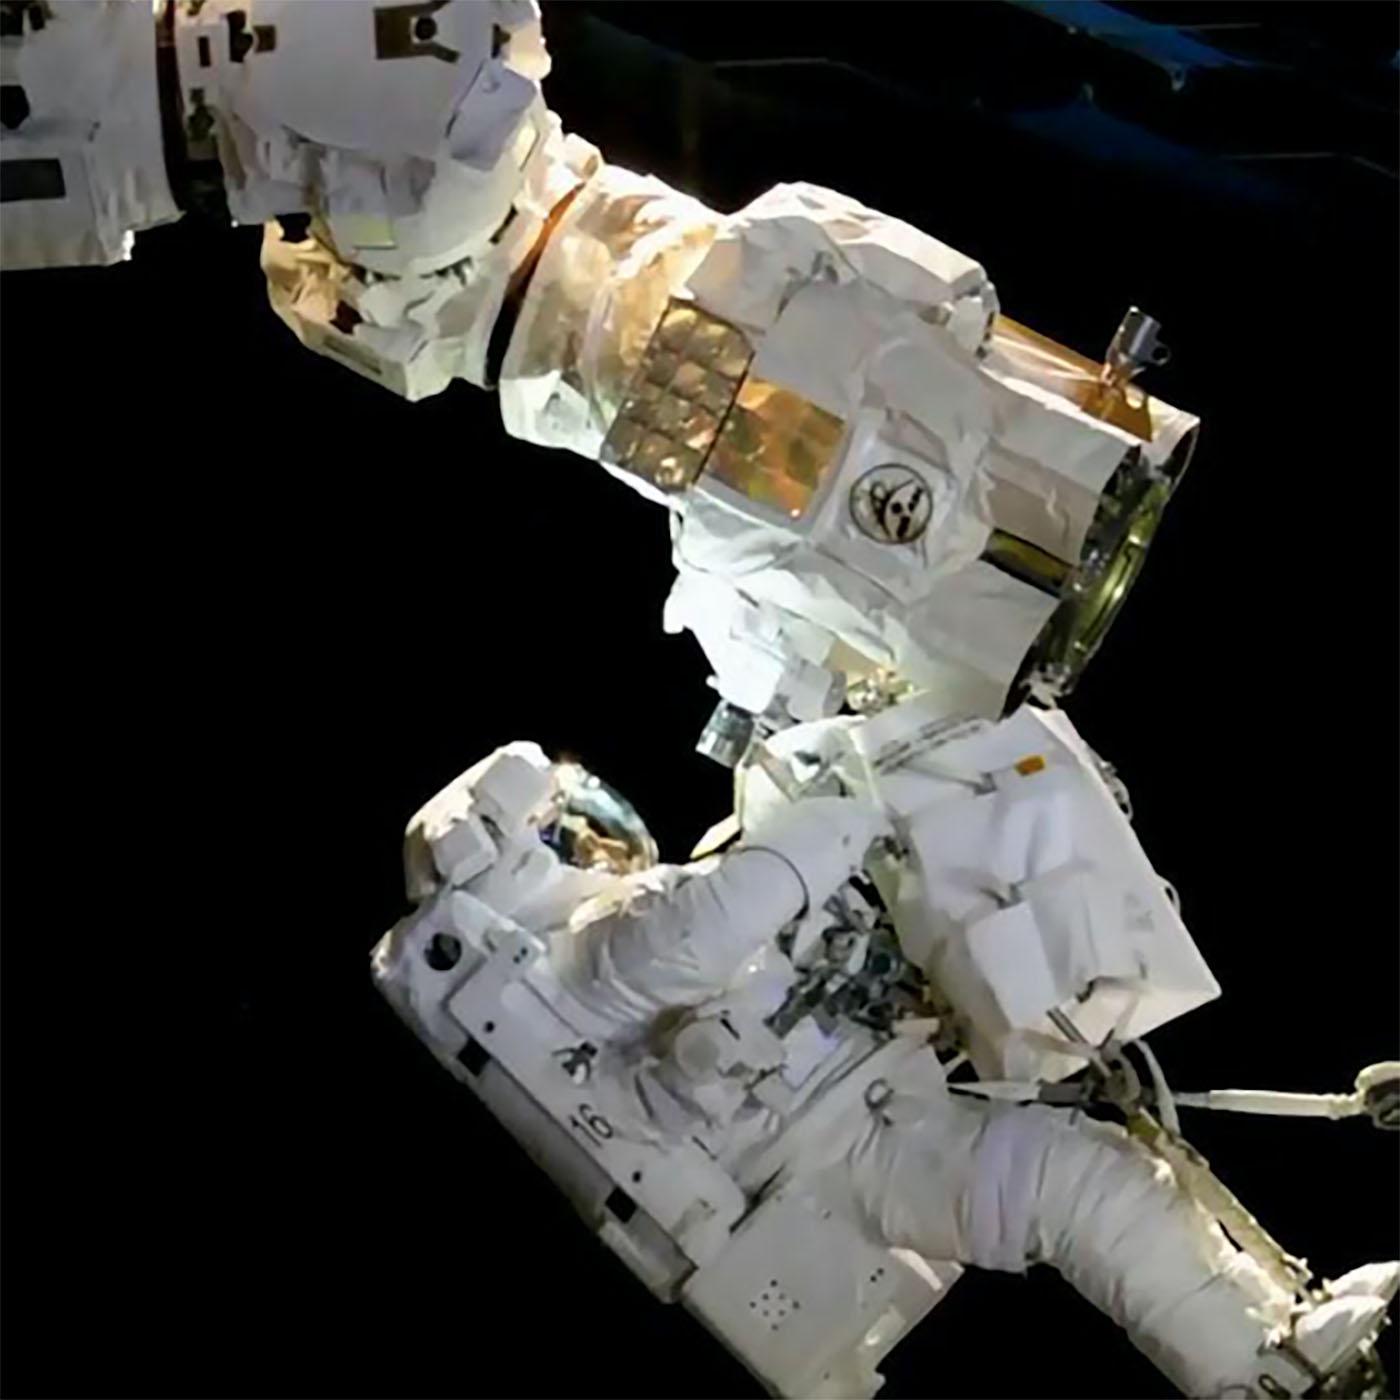 expedition53 spacewalk